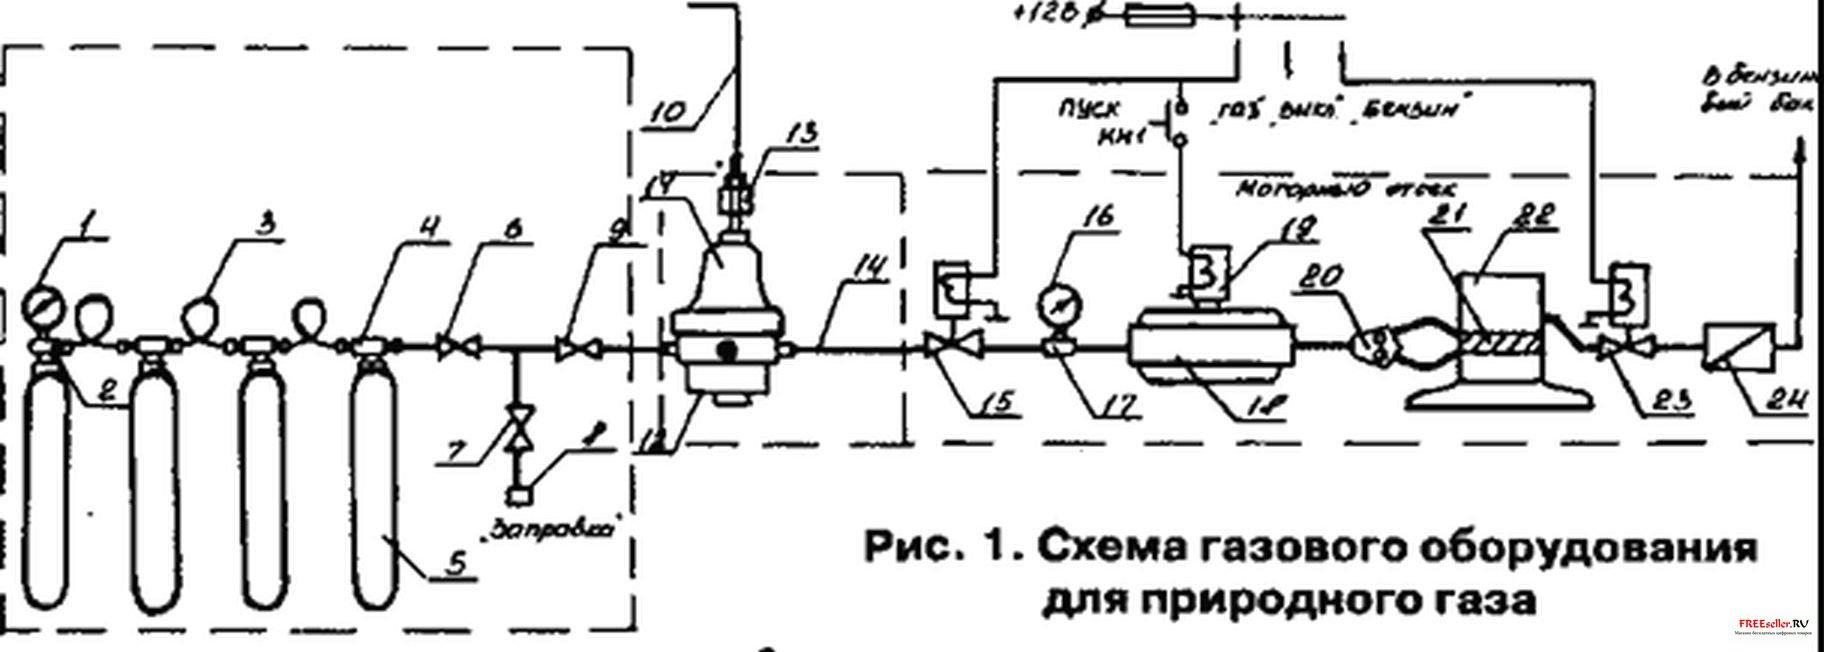 На рис. 1 изображена схема газового оборудования для природного газа.  Природный газ хранится в баллонах (5)...